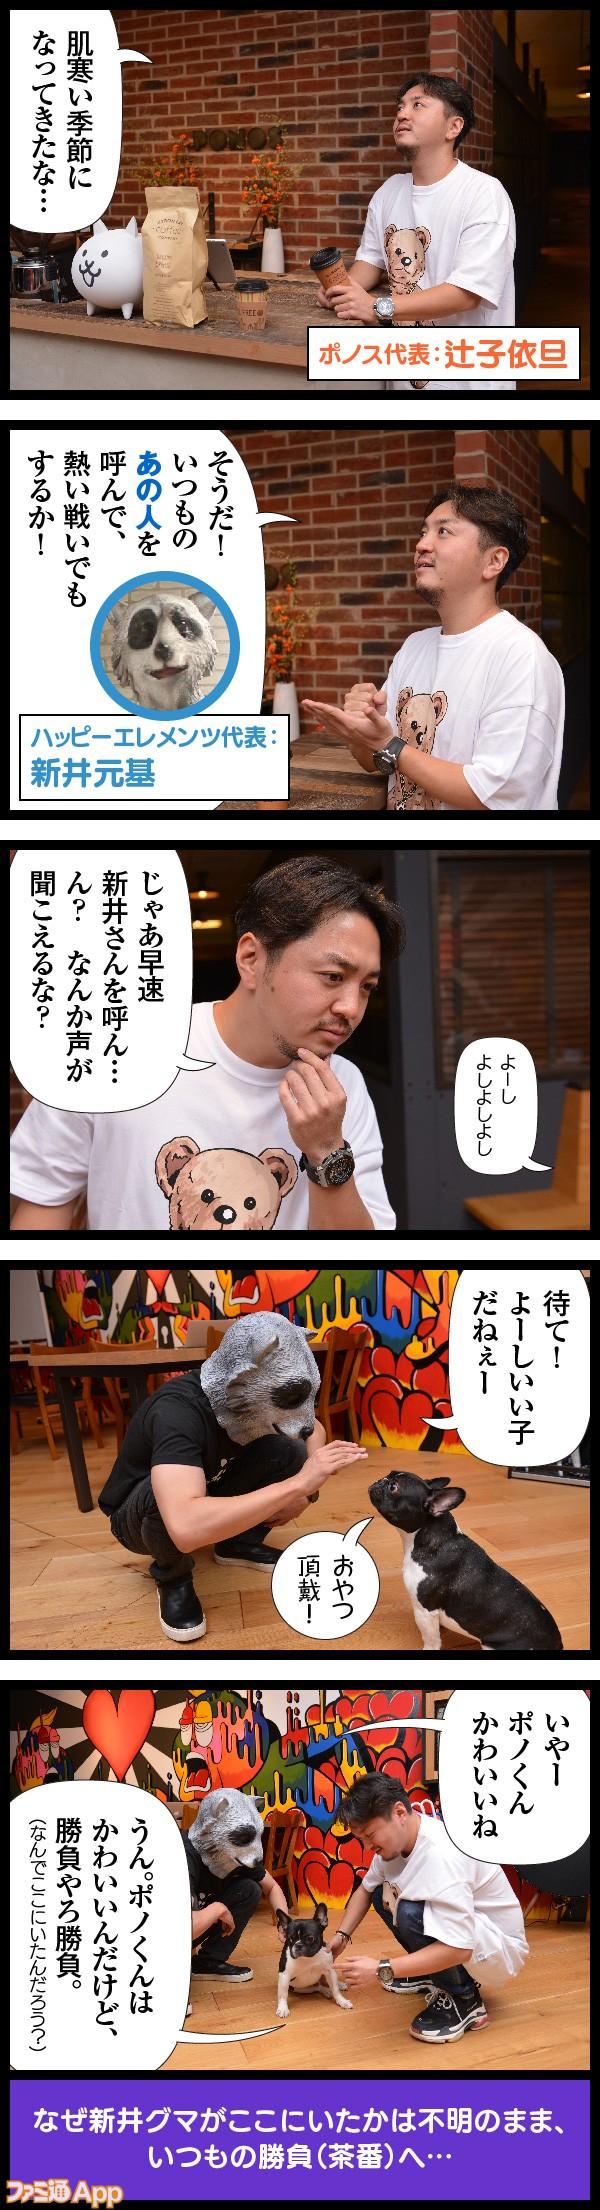 manga_nyanko_1